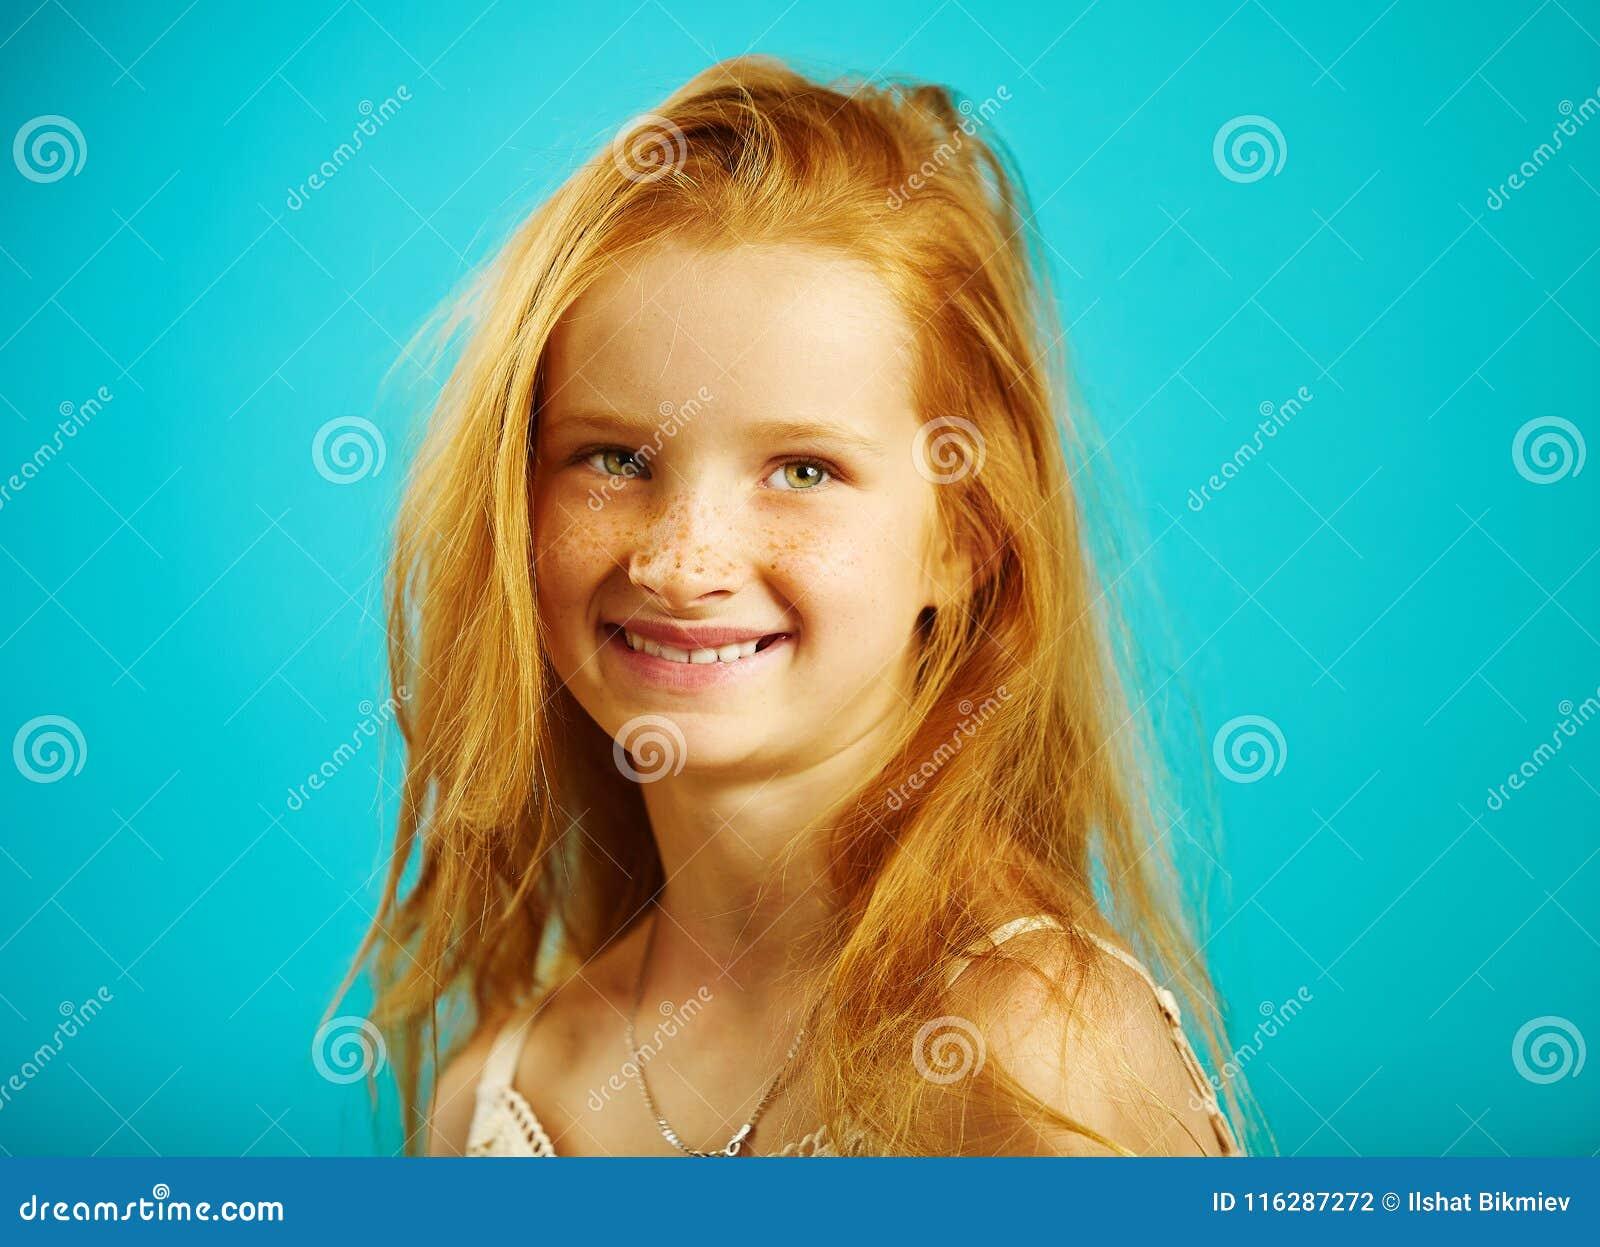 Το πορτρέτο του μικρού κοριτσιού επτά χρονών με τη φλογερή κόκκινη τρίχα, χαριτωμένες φακίδες, που χαμογελά ειλικρινά, εκφράζει τ